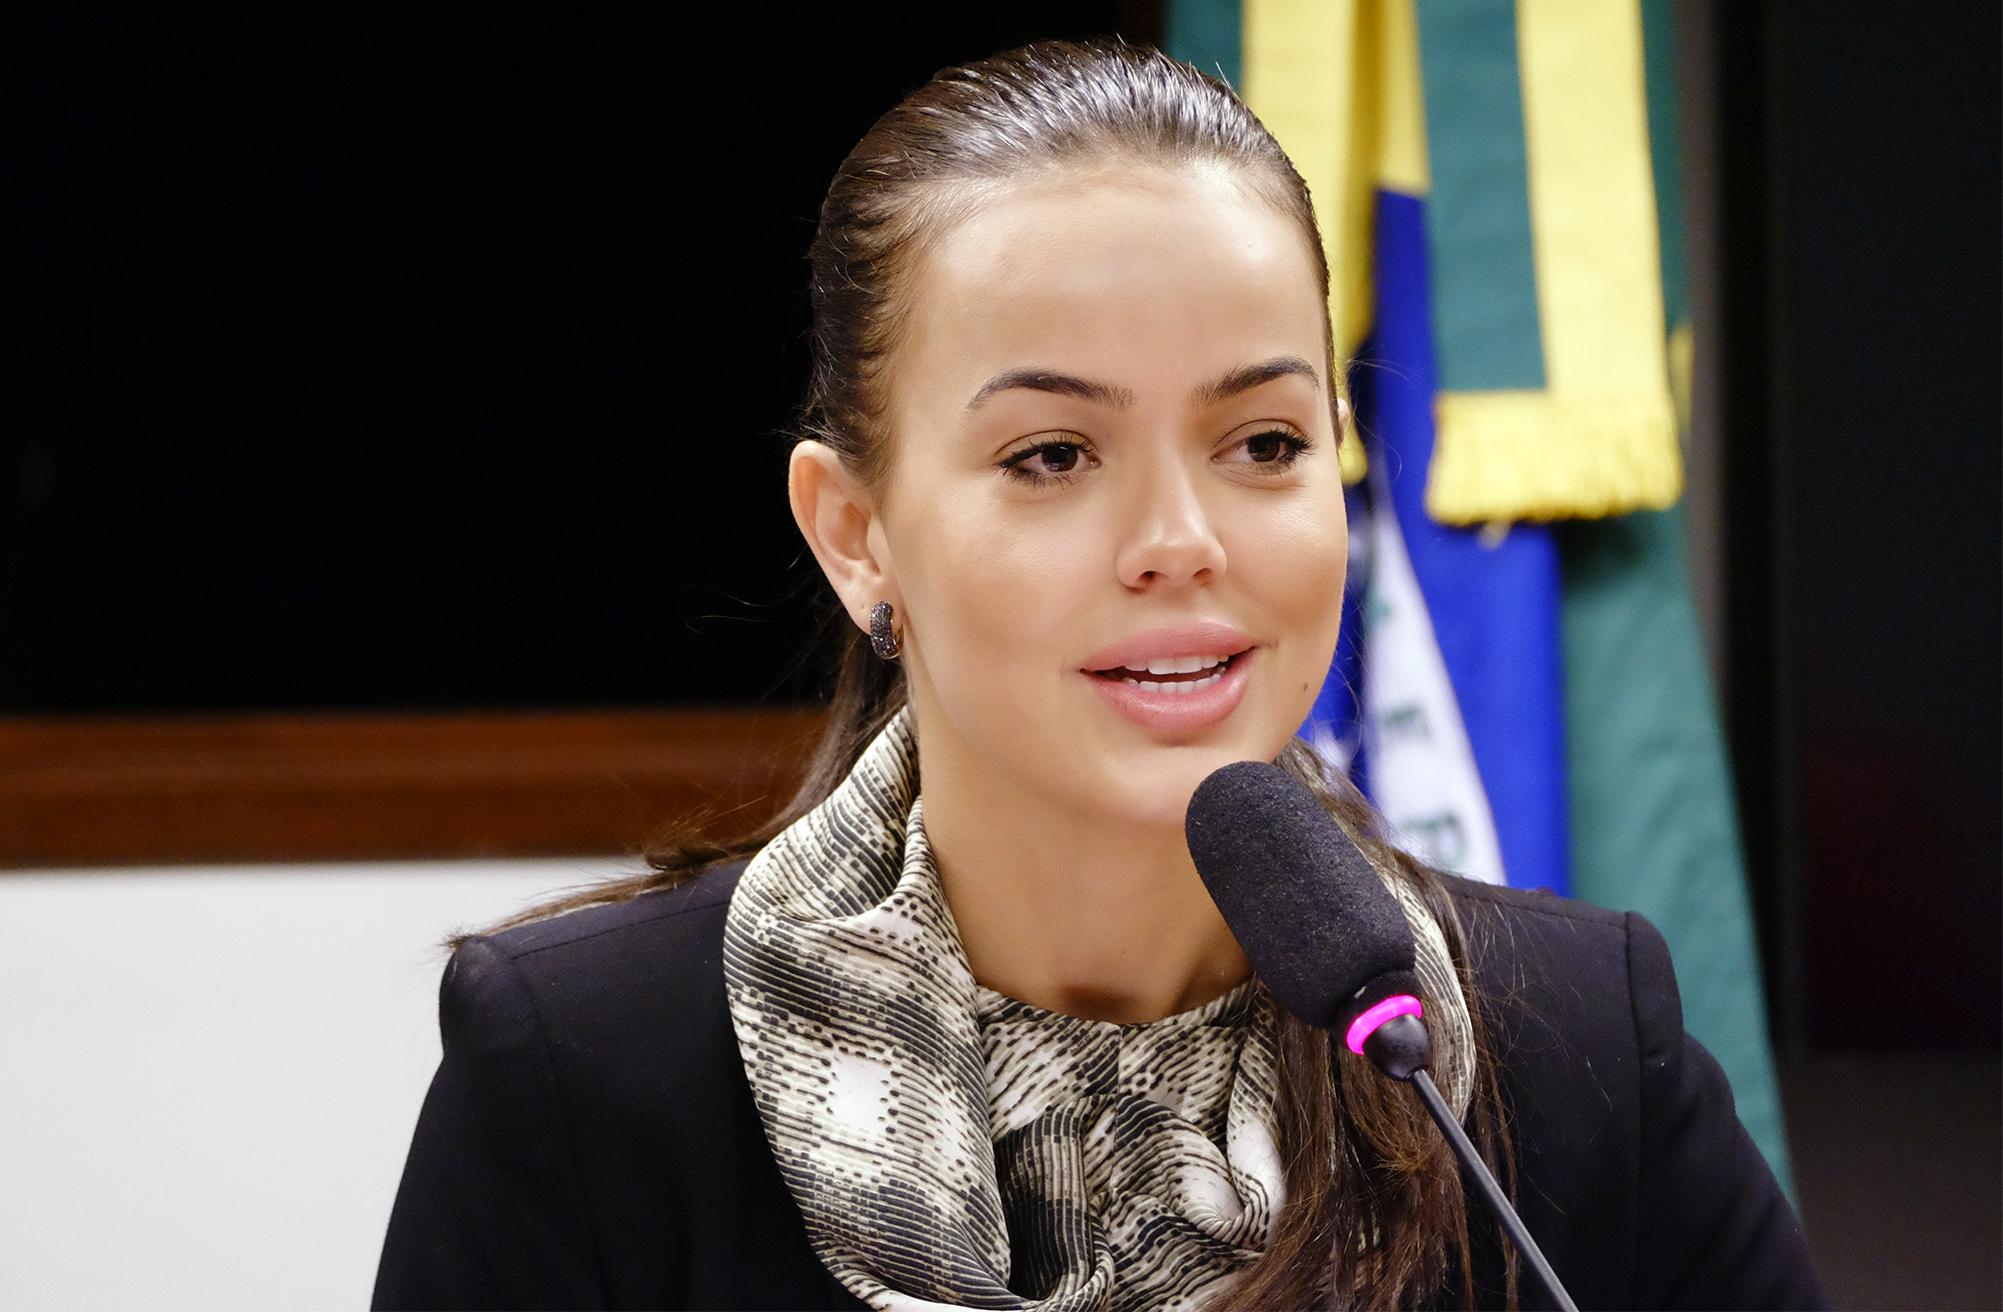 Shéridan presidirá a Comissão de Defesa dos Direitos da Mulher: a dupla, tripla jornada feminina tem de ser considerada na reforma da Previdência (Foto: Rodrigo Pertoti/Câmara dos Deputados)